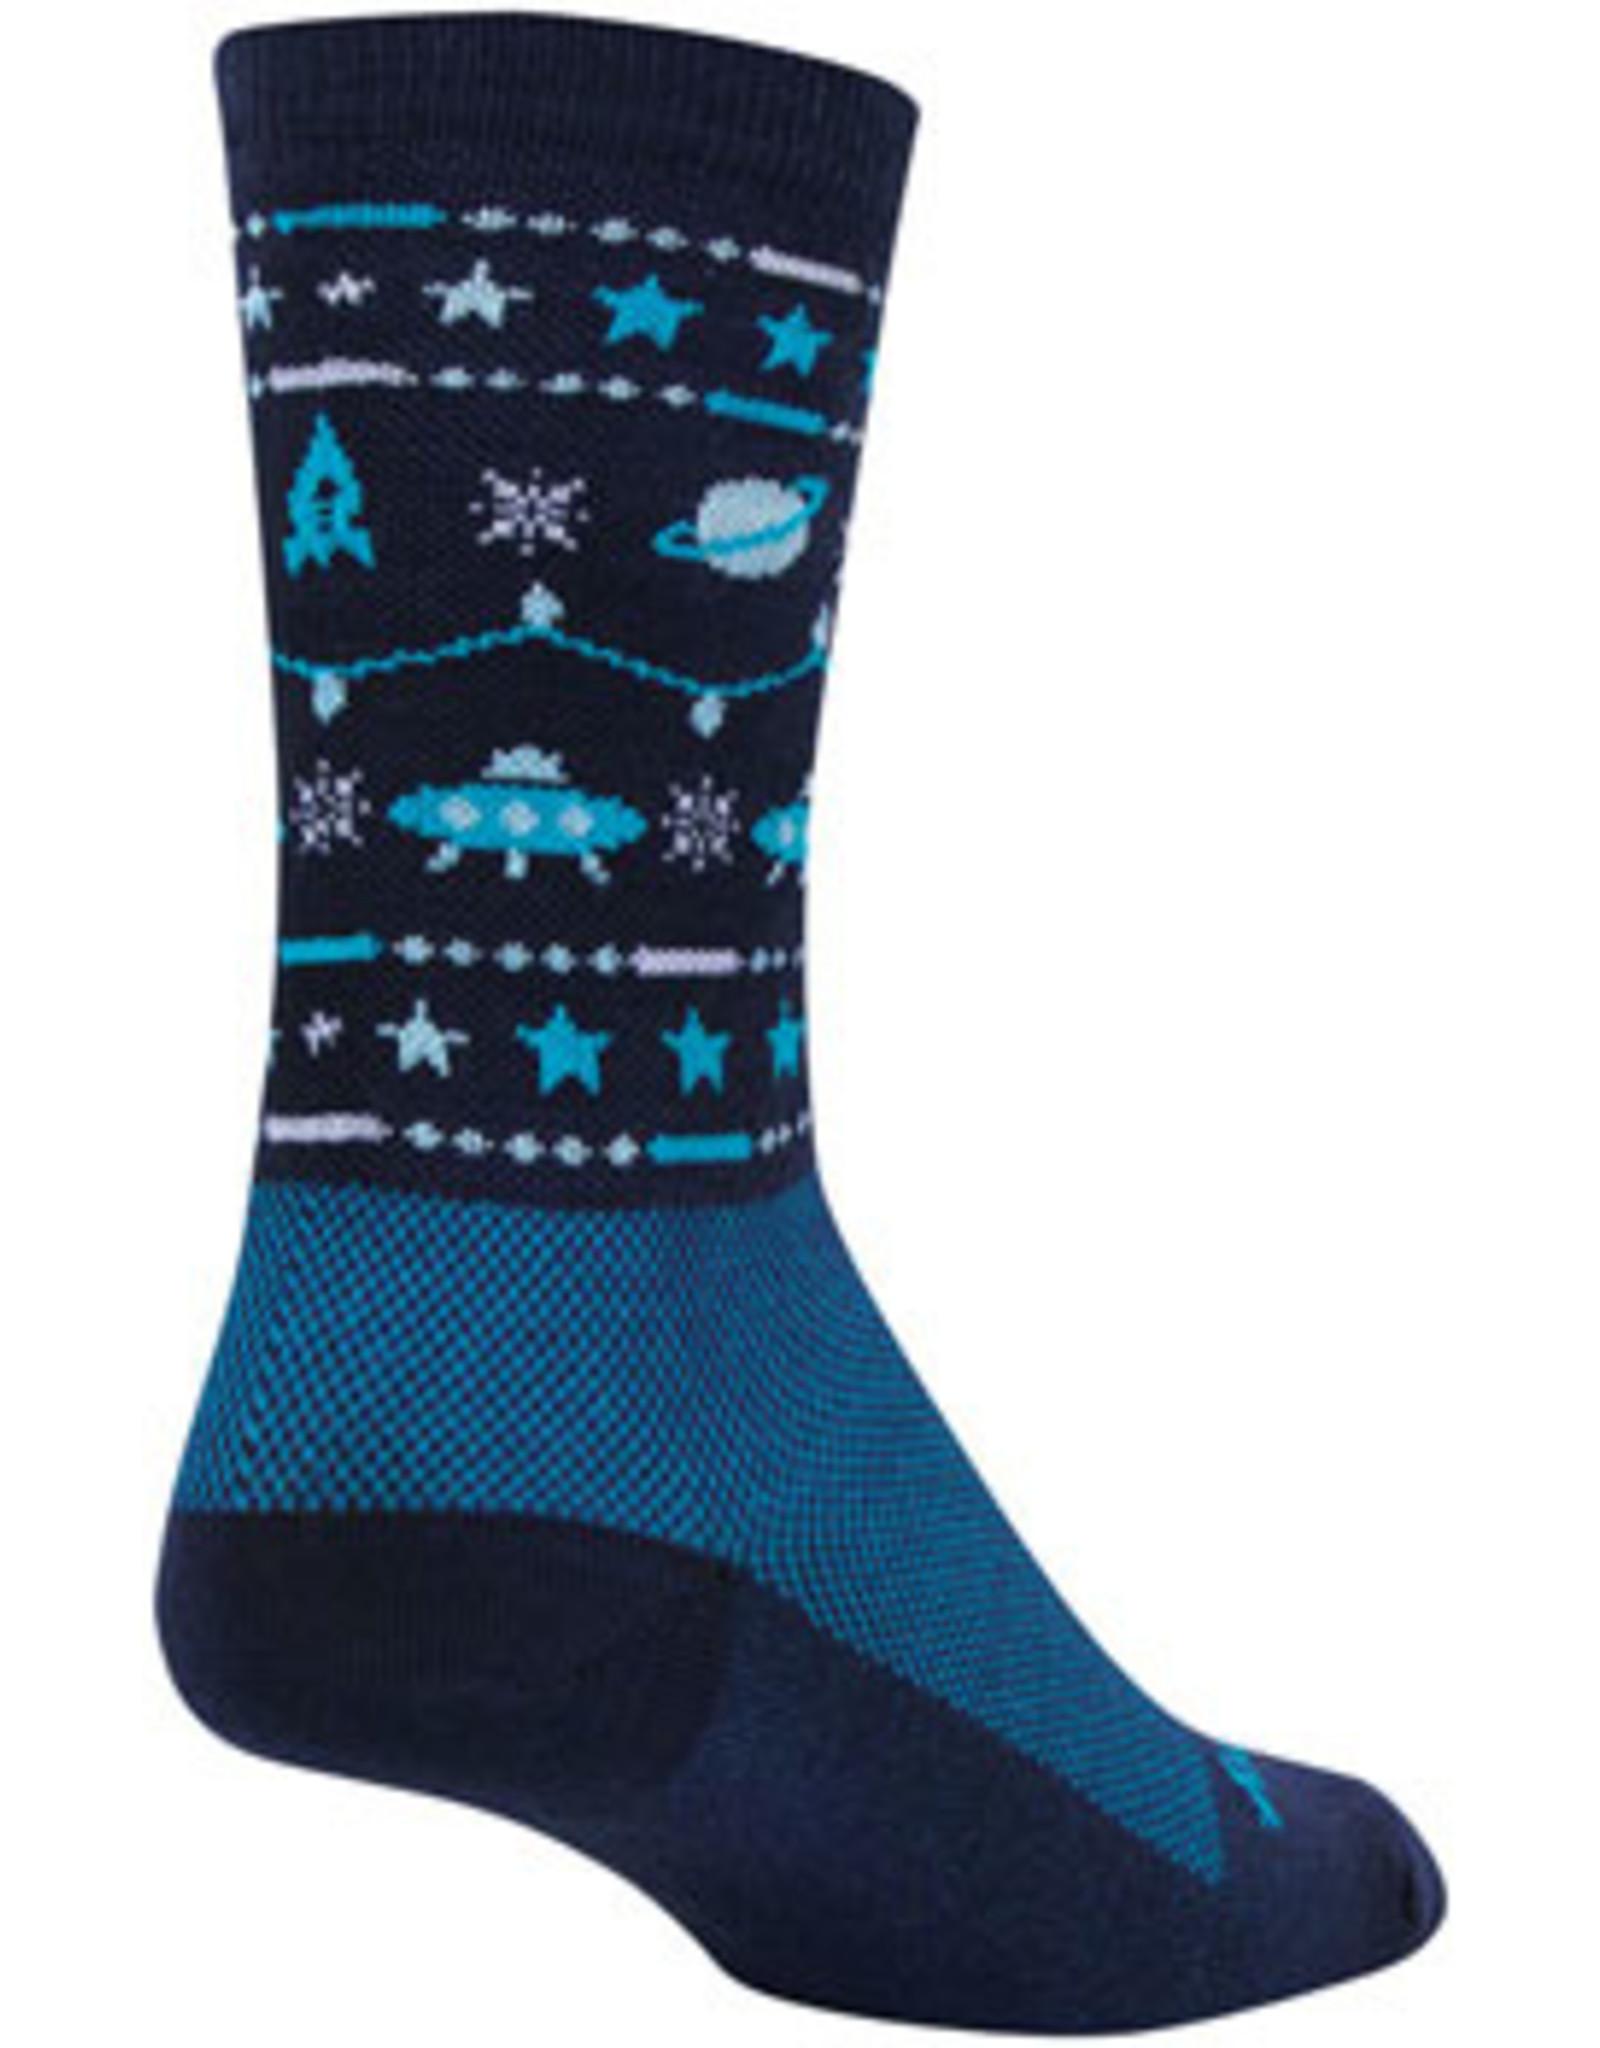 SockGuy Wool Ugly Sweater Blue Crew Socks - 6 inch, Blue